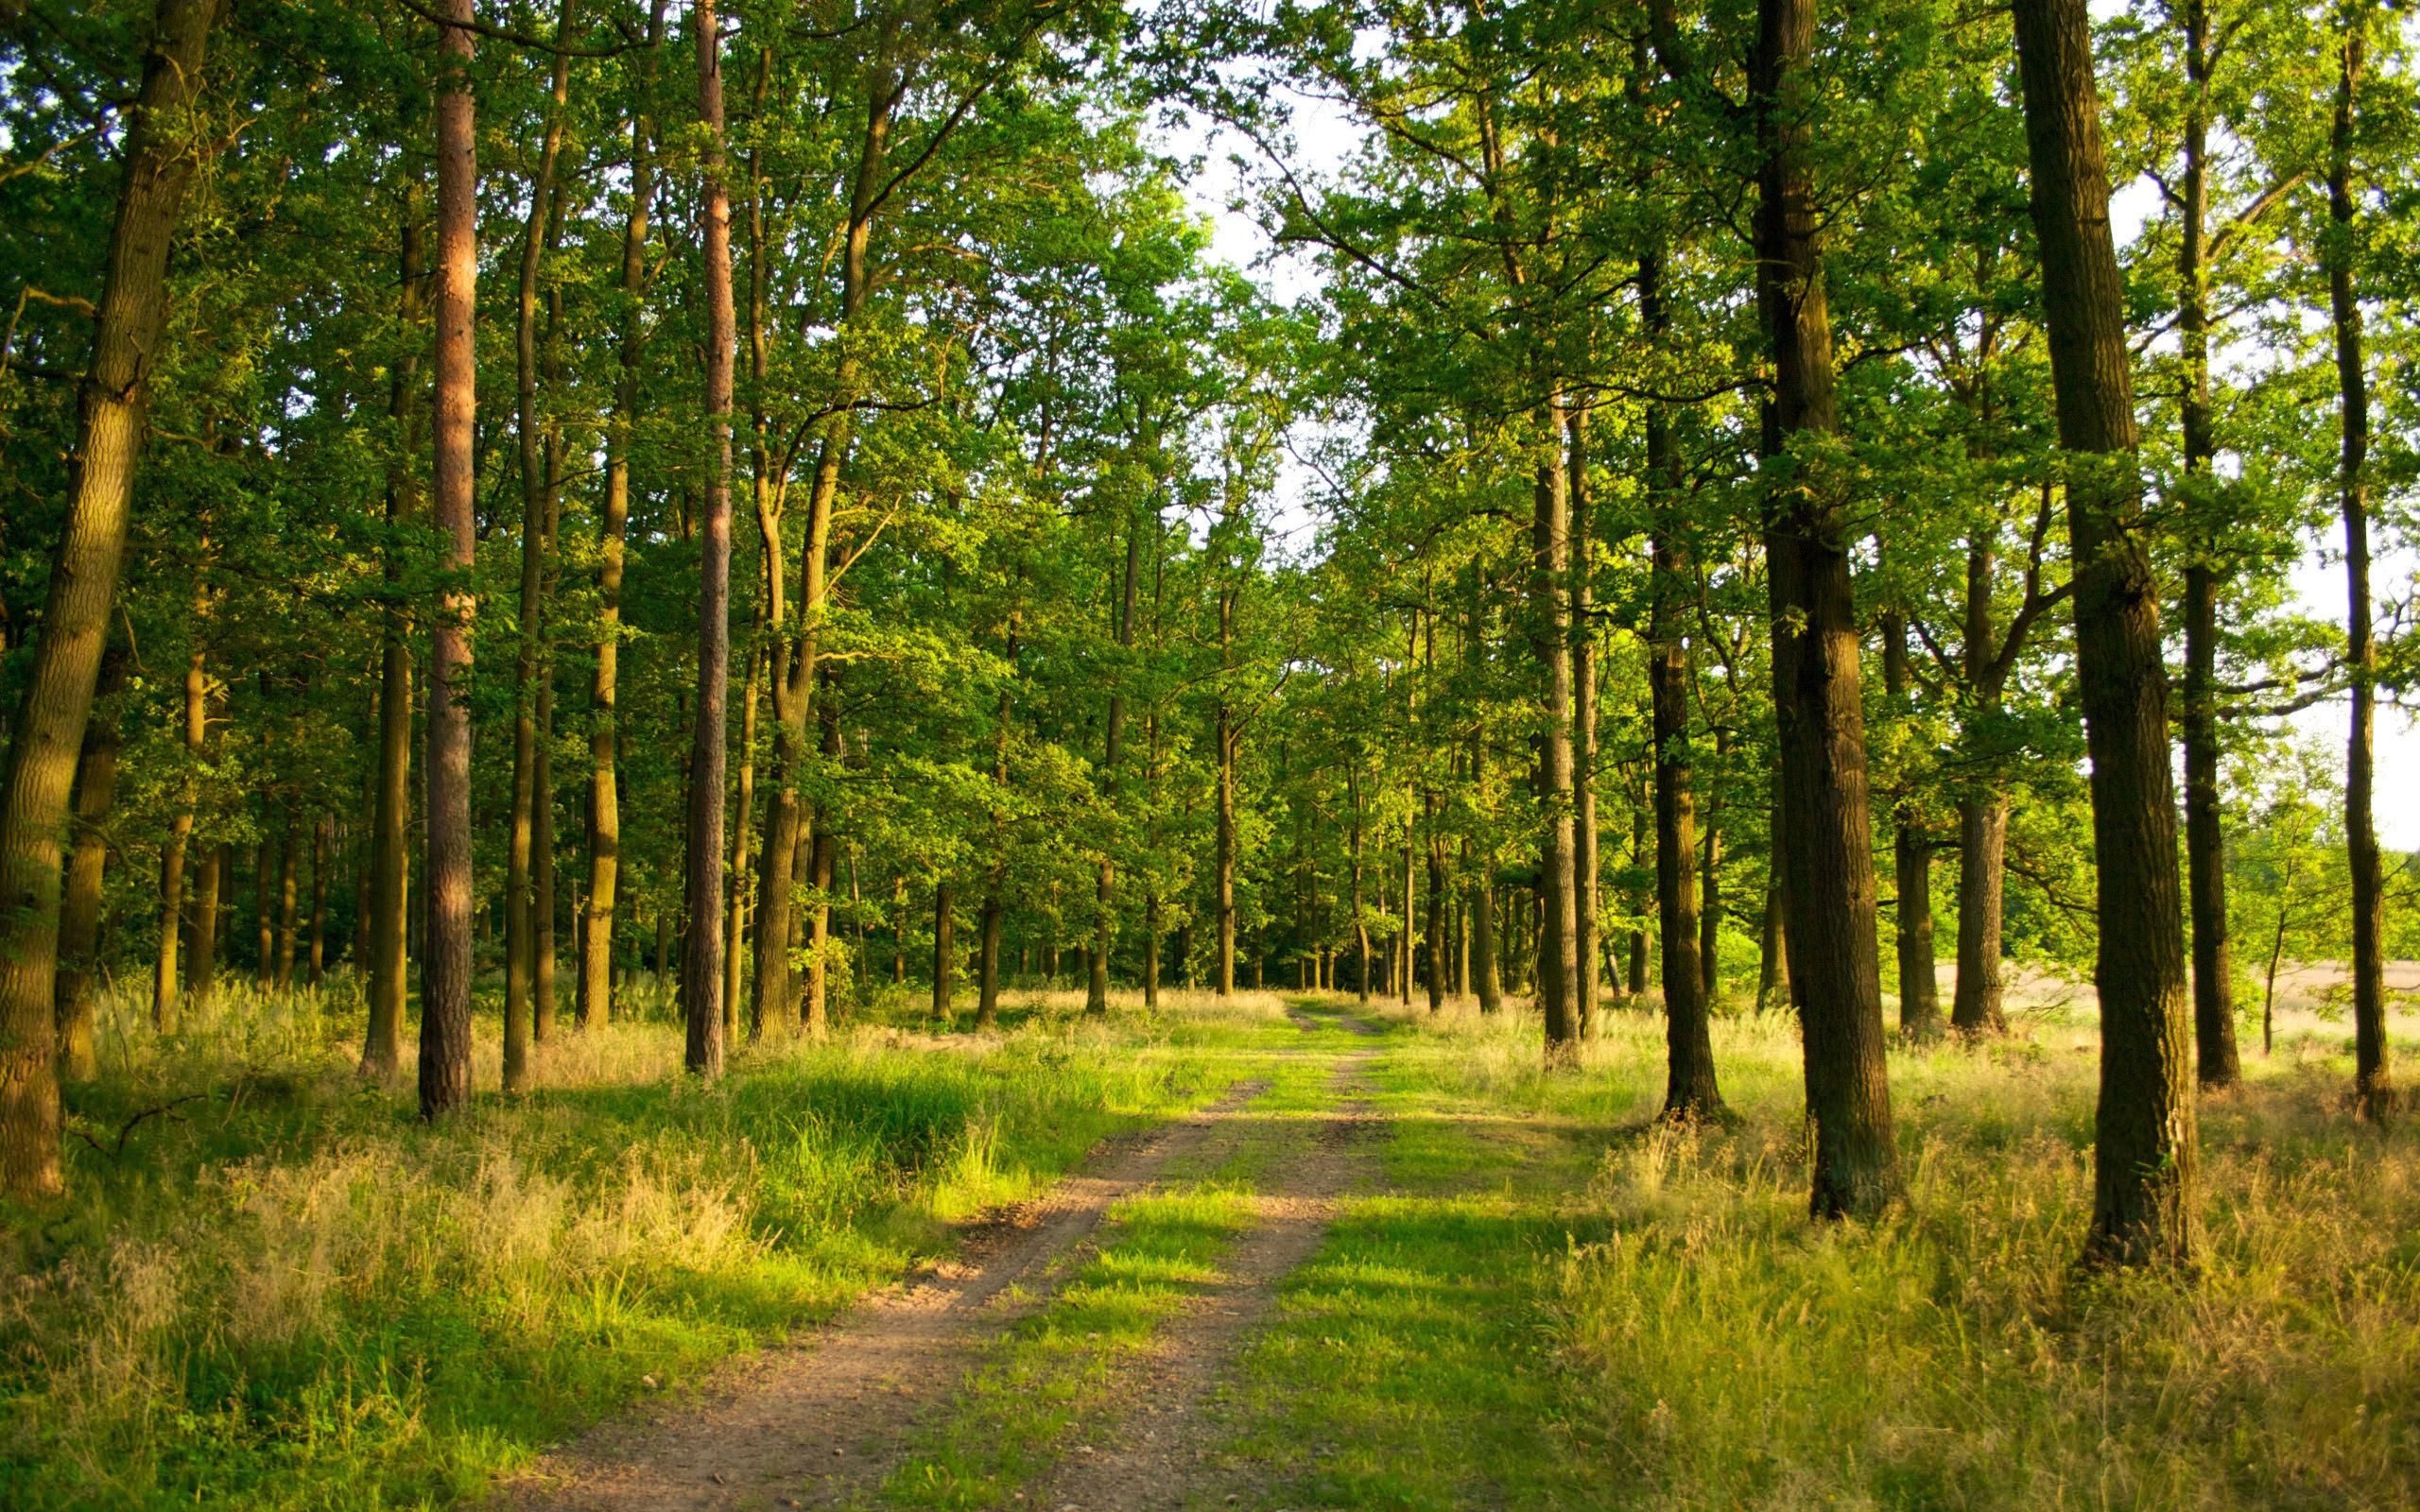 Україна співпрацюватиме з Австрією в питанні збереження лісів